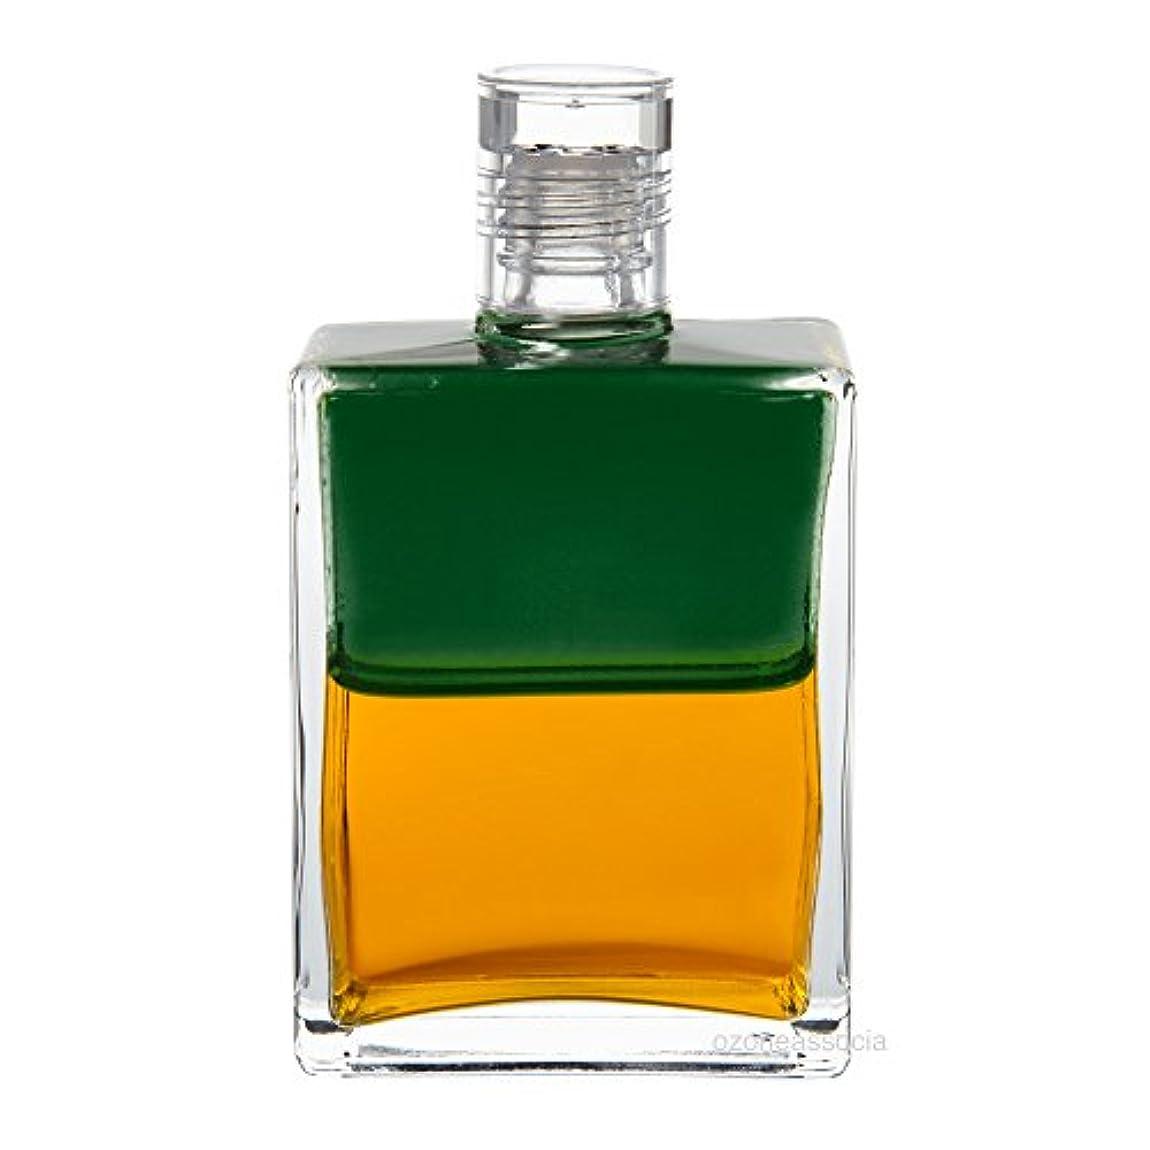 インサートアクセント飛行機オーラソーマ ボトル 31番  泉 (グリーン/ゴールド) イクイリブリアムボトル50ml Aurasoma